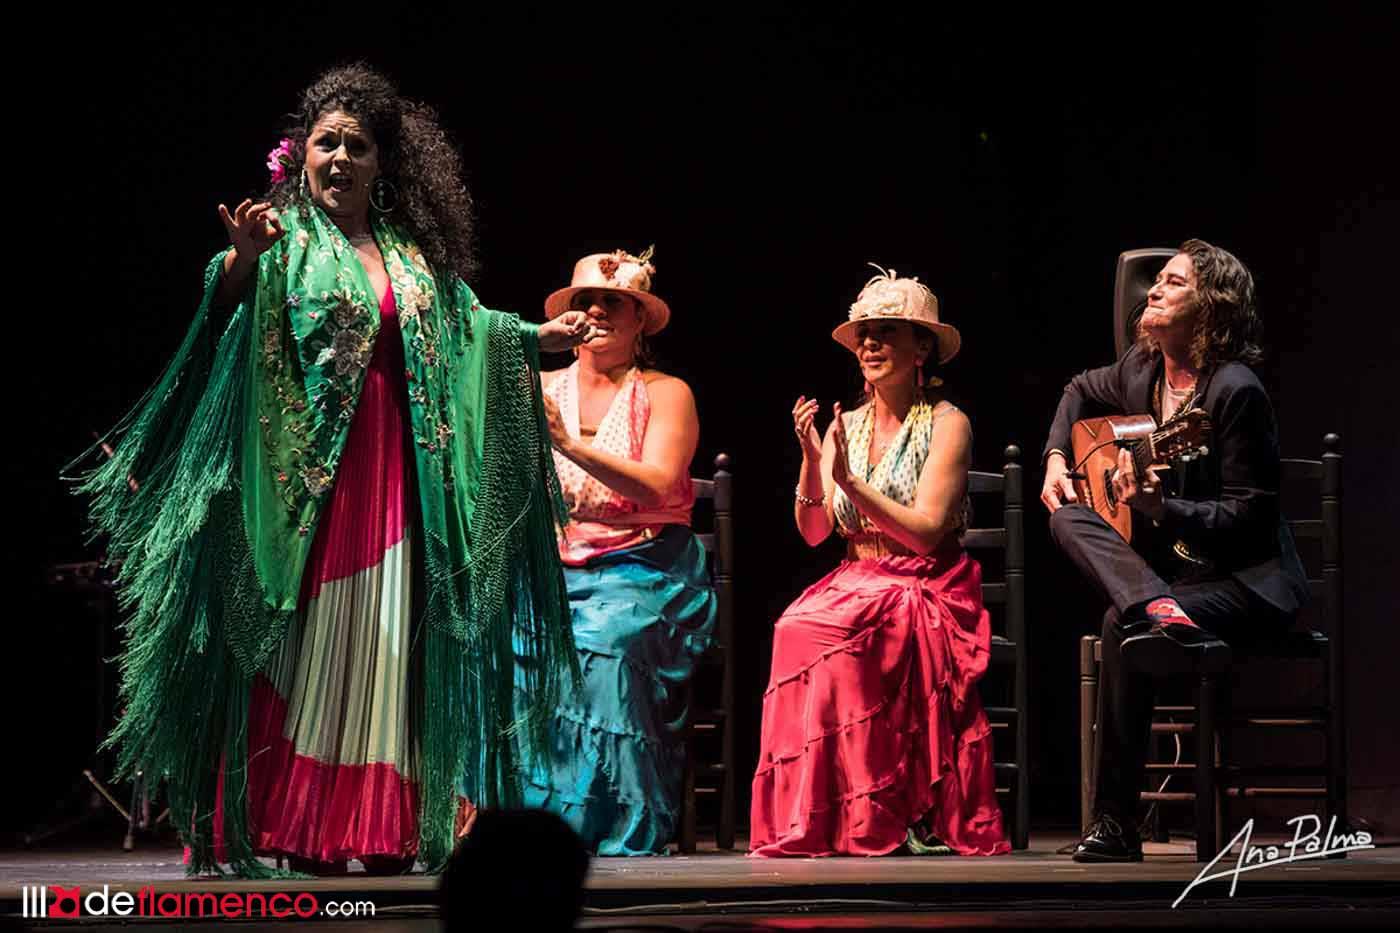 Melchora Ortega - flamencas de película - Festival de Jerez